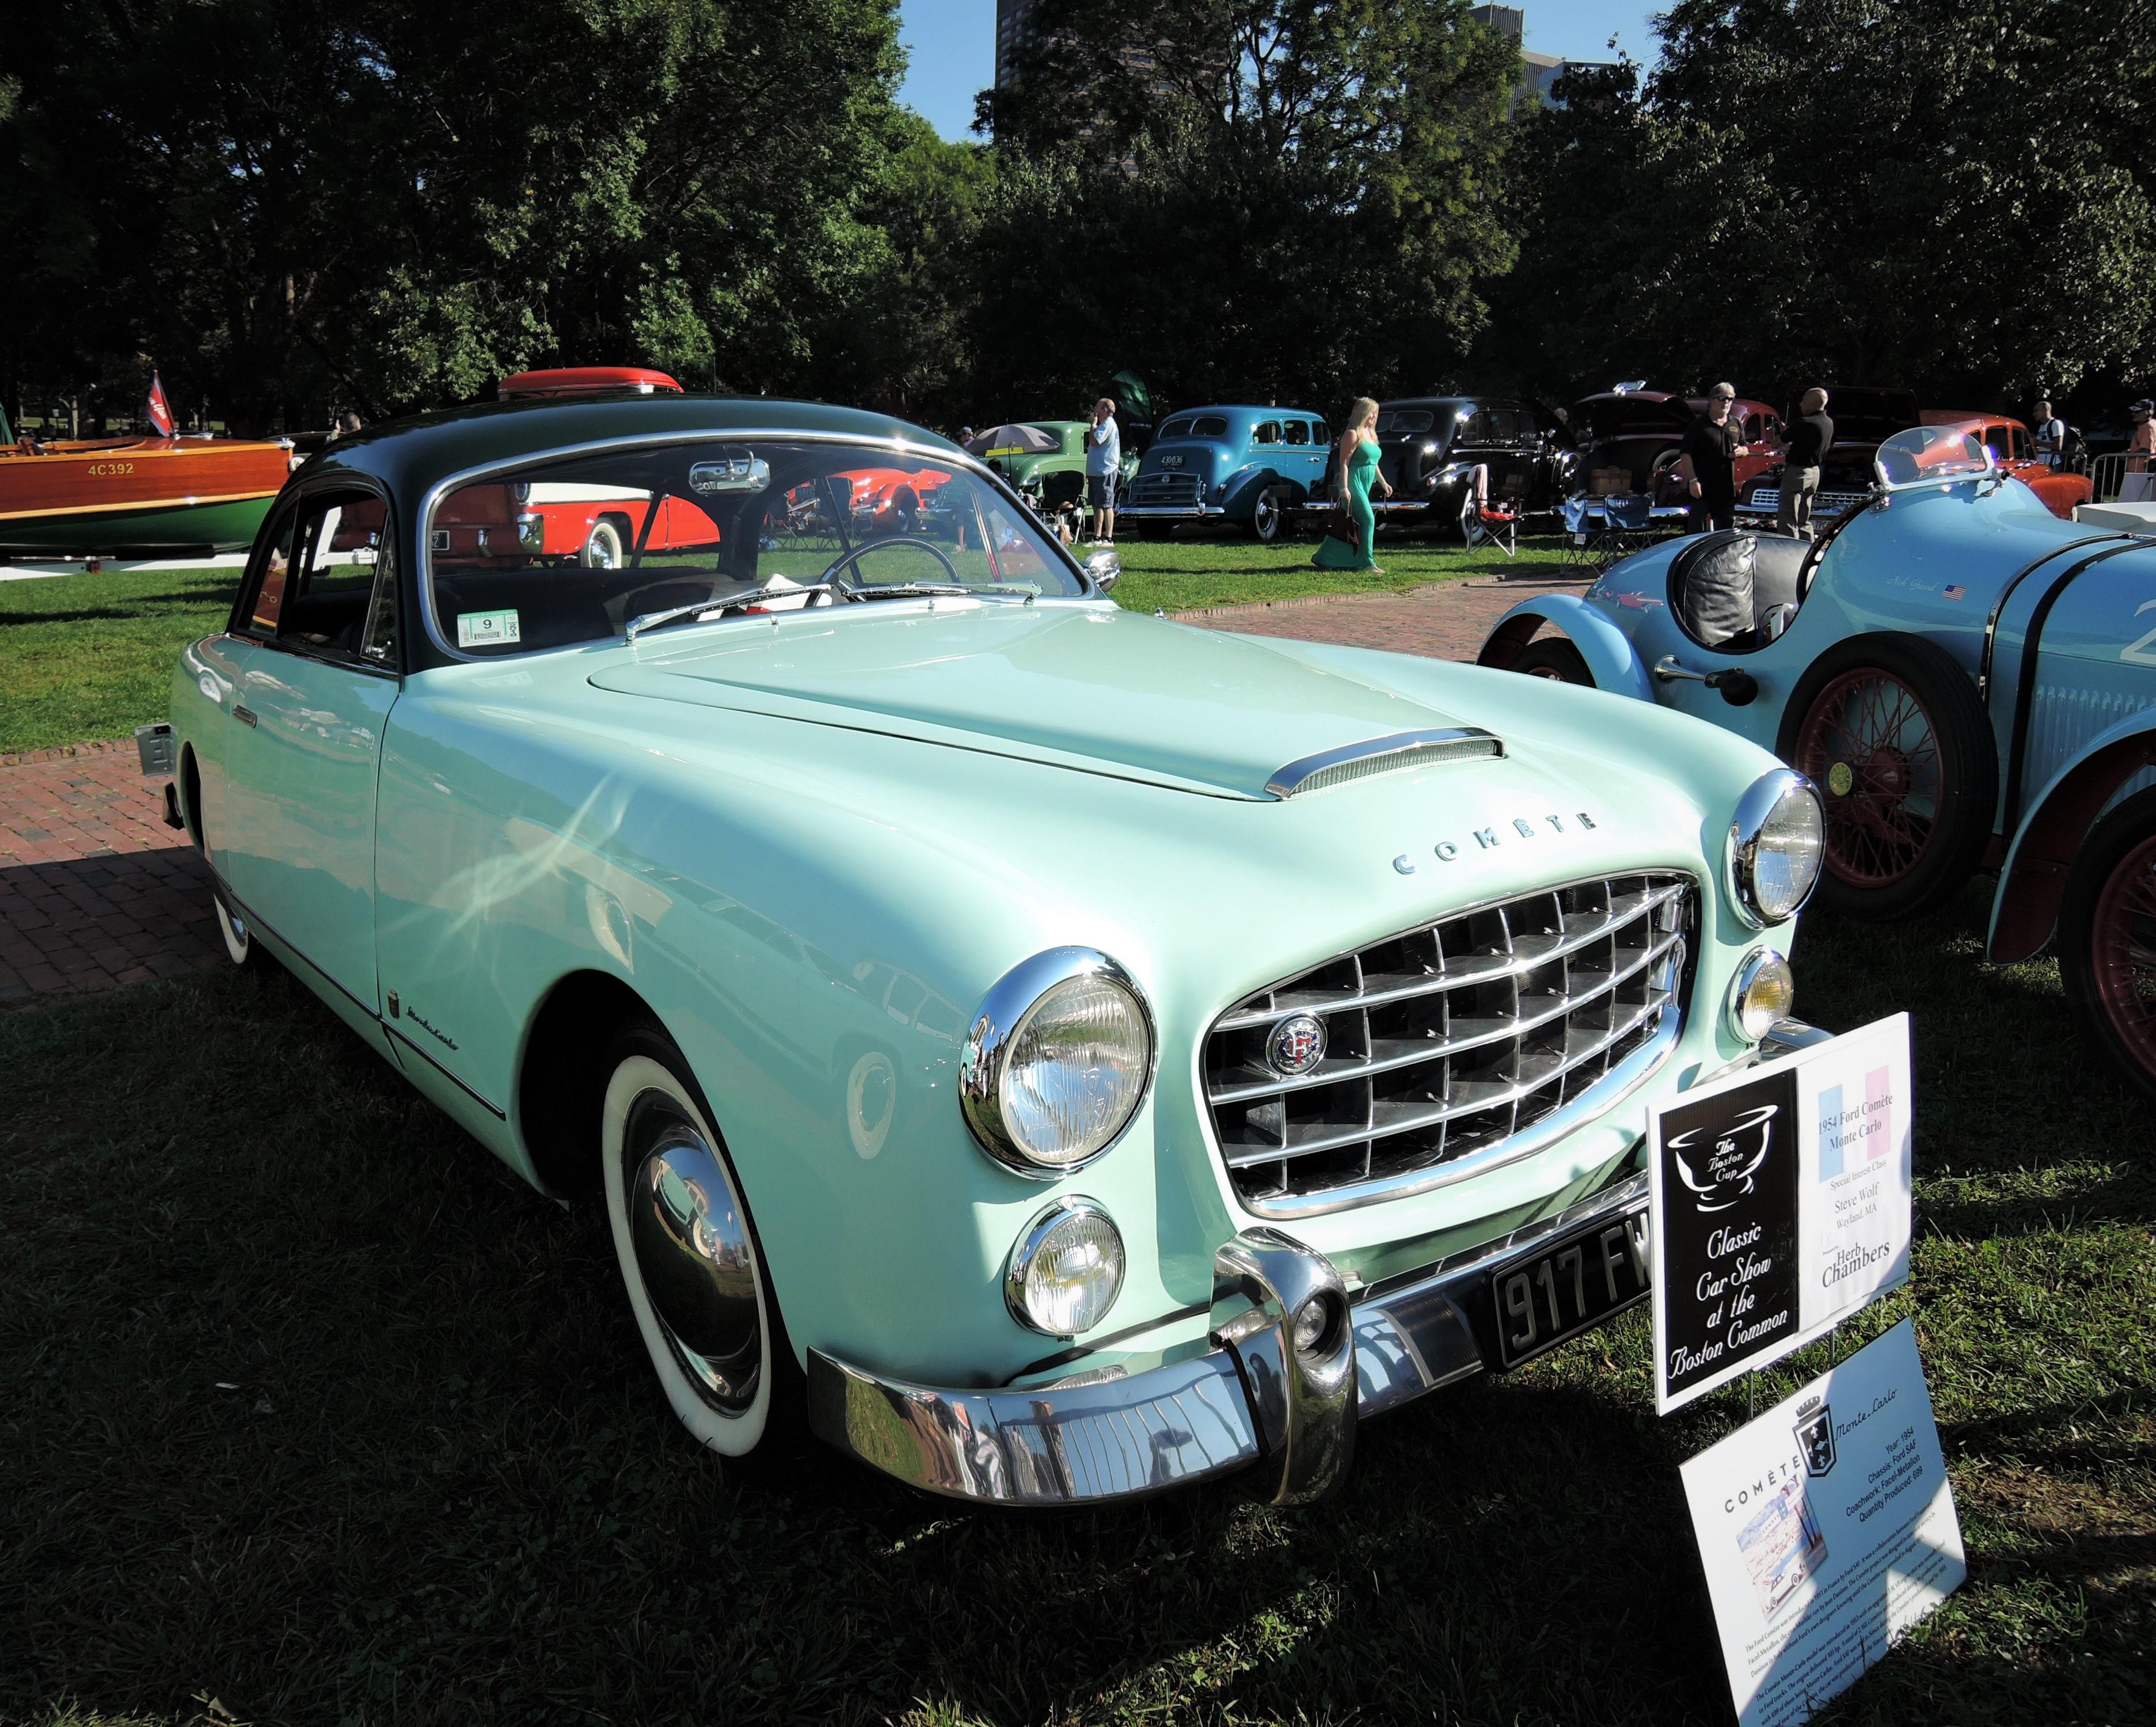 green 1954 Ford Comete Monte Carlo - The Boston Cup 2017